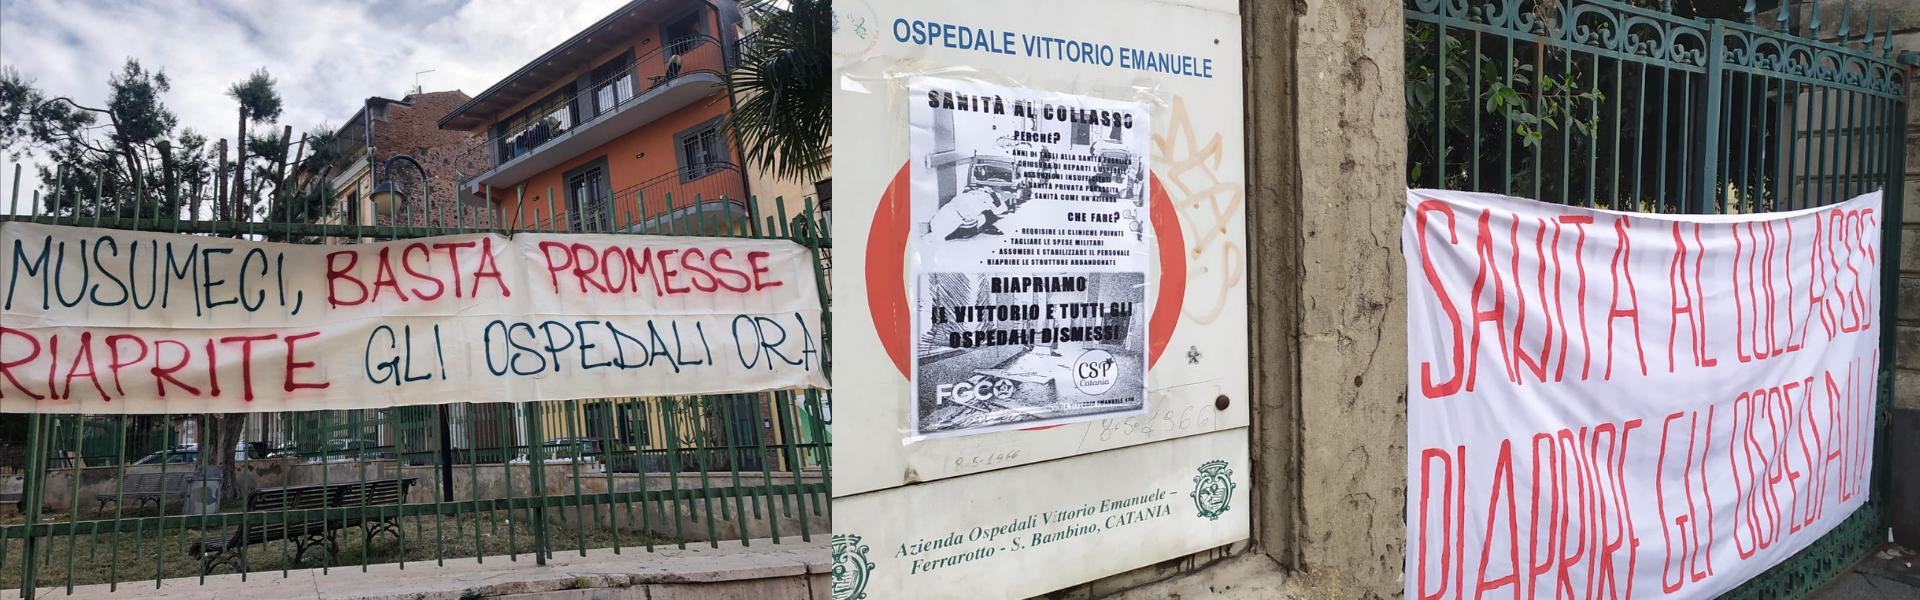 Proteste per la mancata riapertura degli ospedali dismessi